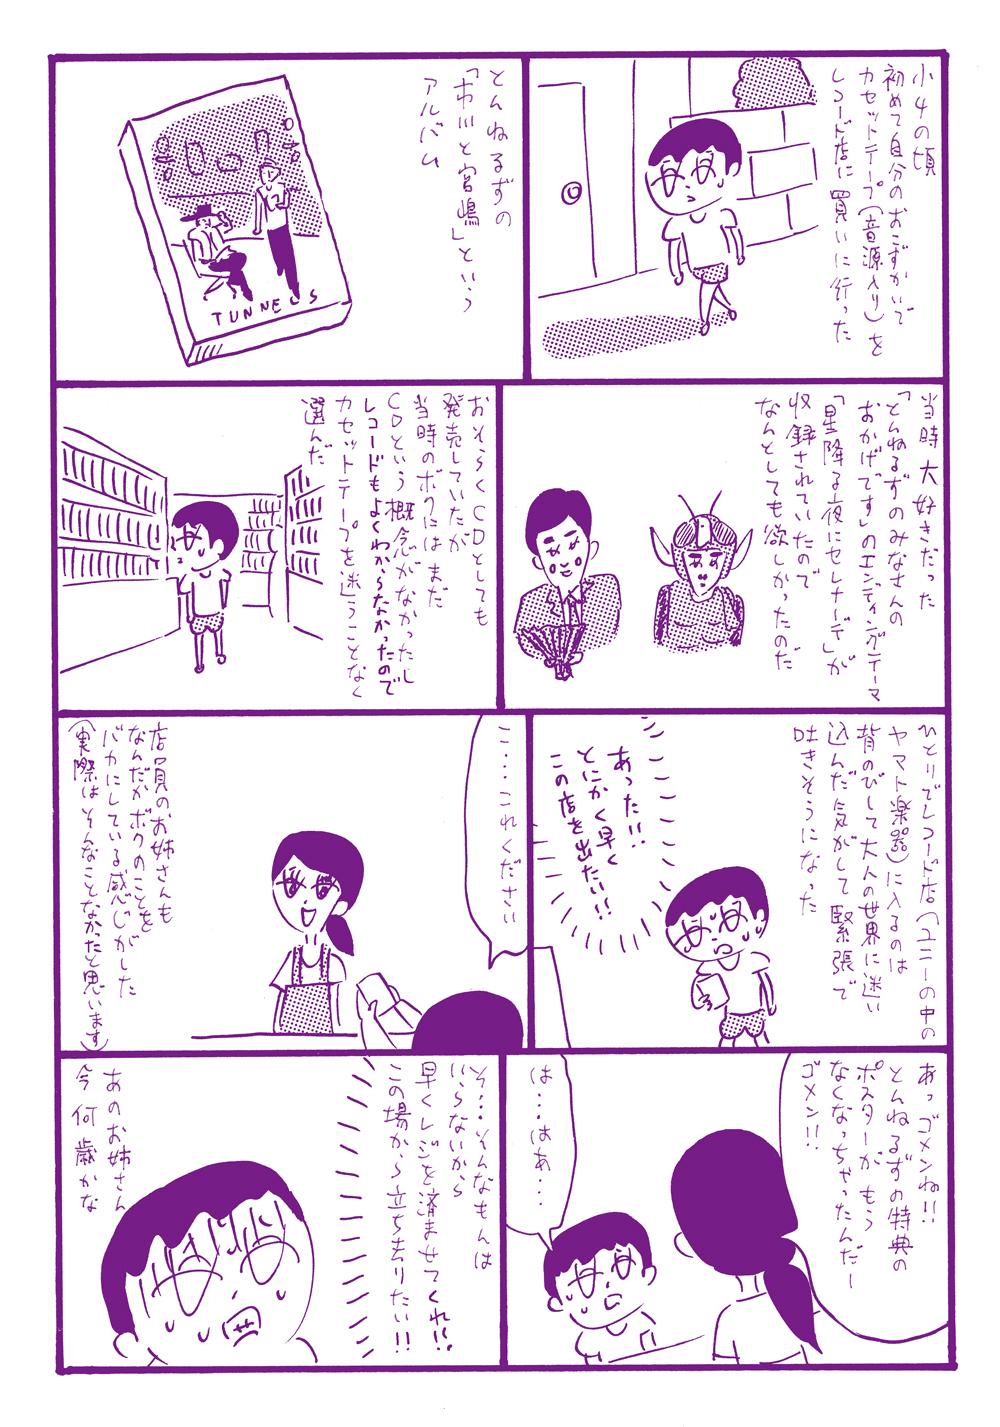 oohashi-hiroyuki-028